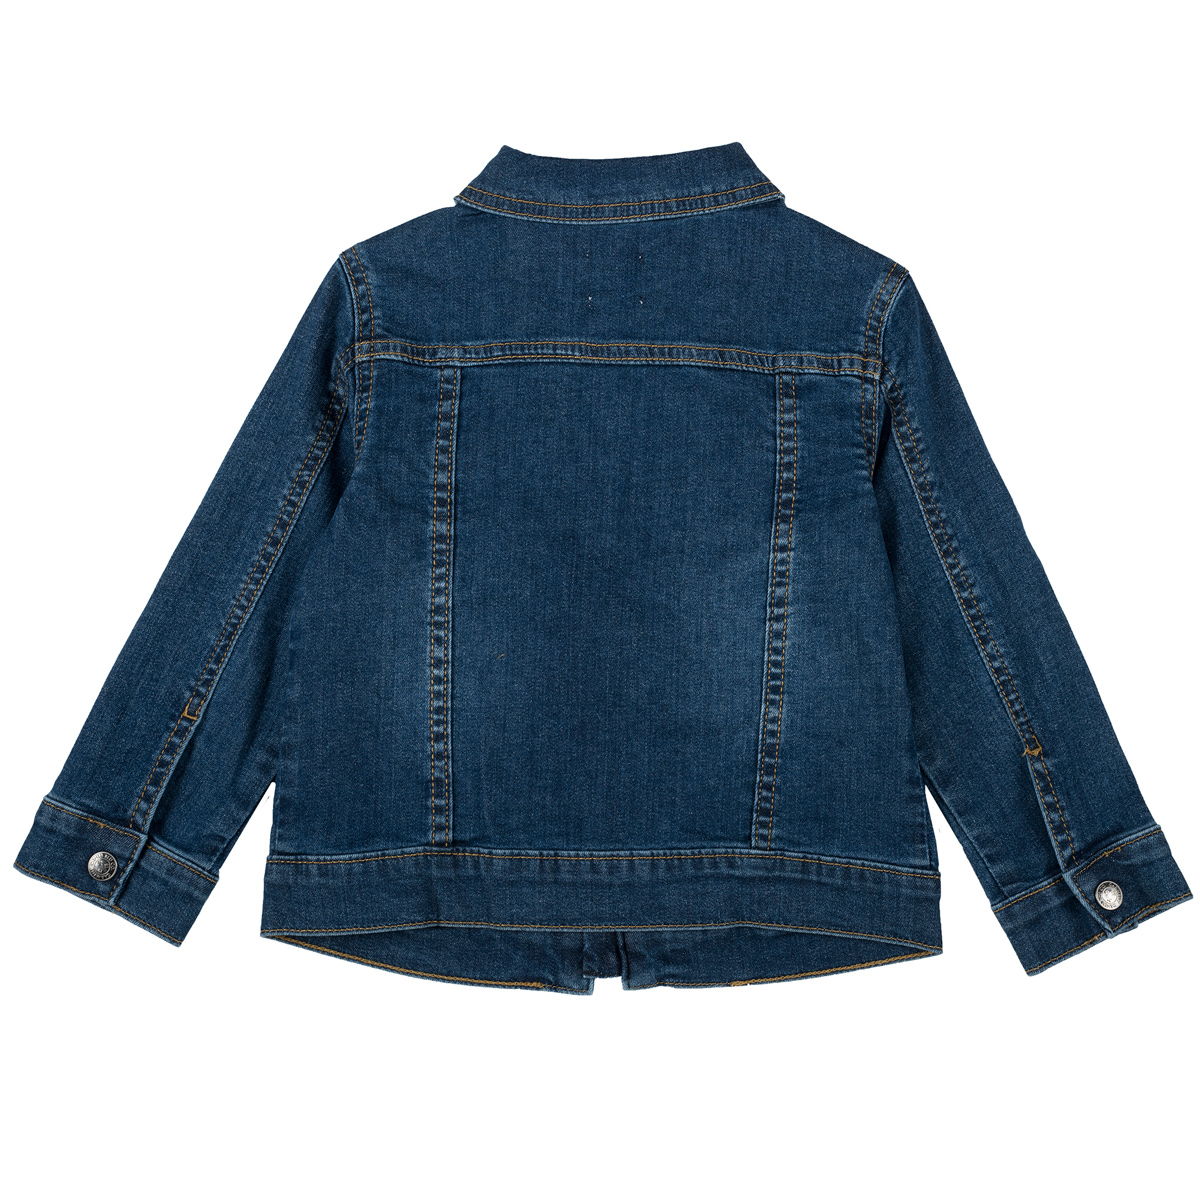 Jacheta copii Chicco, albastru denim, 87396